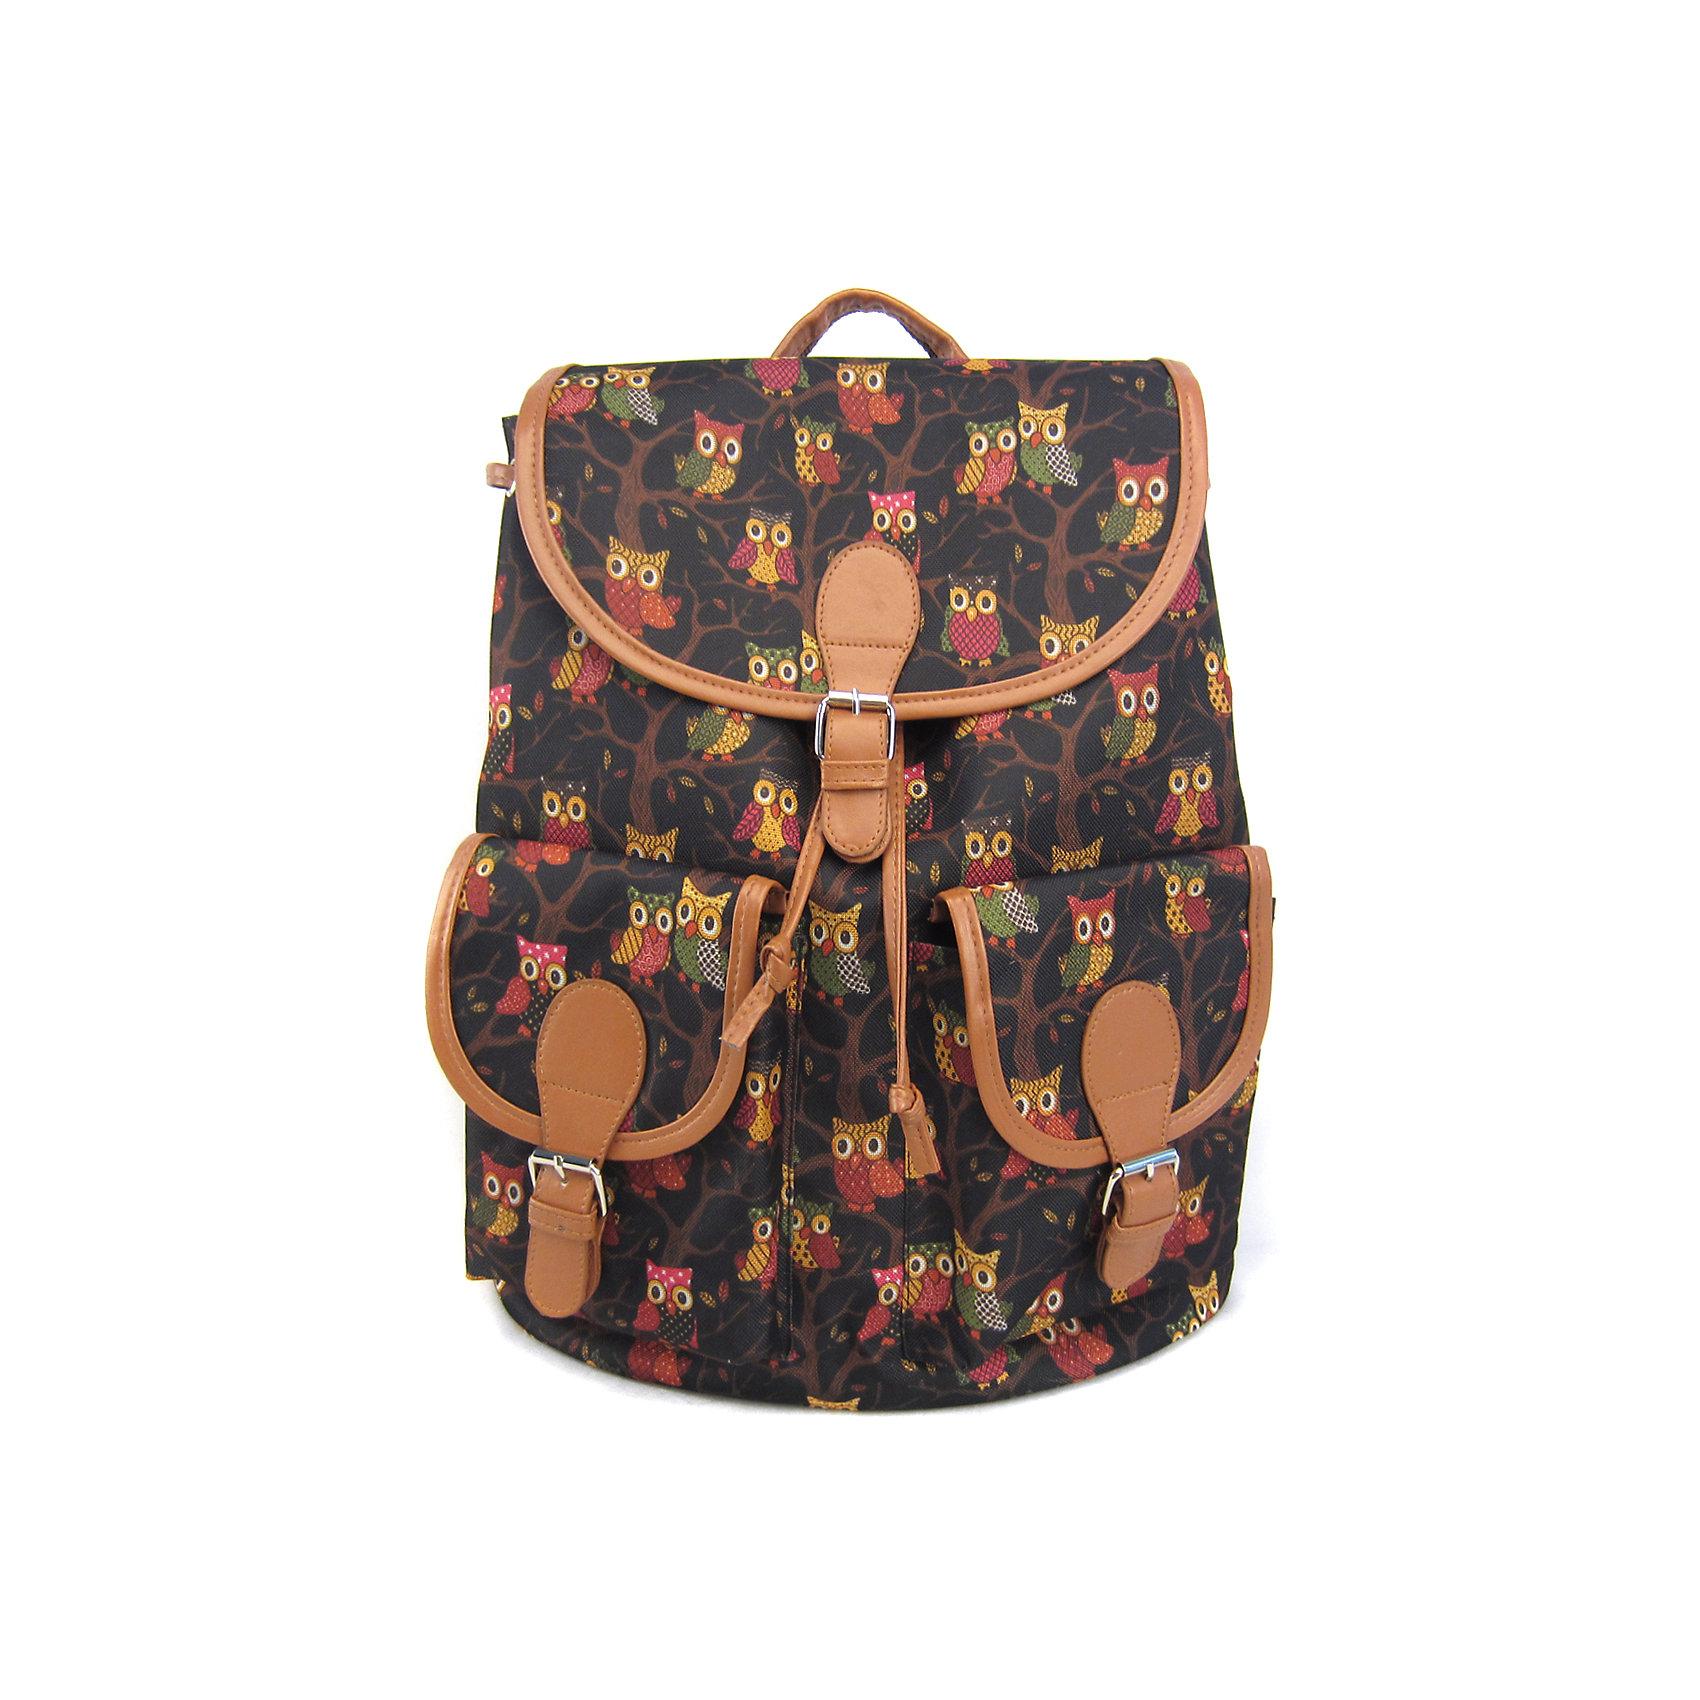 Рюкзак Филины с 2-мя карманами, цвет черныйРюкзаки<br>Совы в этом сезоне – как никогда популярны! Эта умная и благородная птица – еще и очень милая! Поэтому она нравится абсолютно всем! Удобный, прочный, вместительный и стильный рюкзак от бренда Creative LLC – это отличный способ отдать дань «совиной» моде.<br><br>Ширина мм: 390<br>Глубина мм: 350<br>Высота мм: 170<br>Вес г: 470<br>Возраст от месяцев: 84<br>Возраст до месяцев: 2147483647<br>Пол: Унисекс<br>Возраст: Детский<br>SKU: 5450165